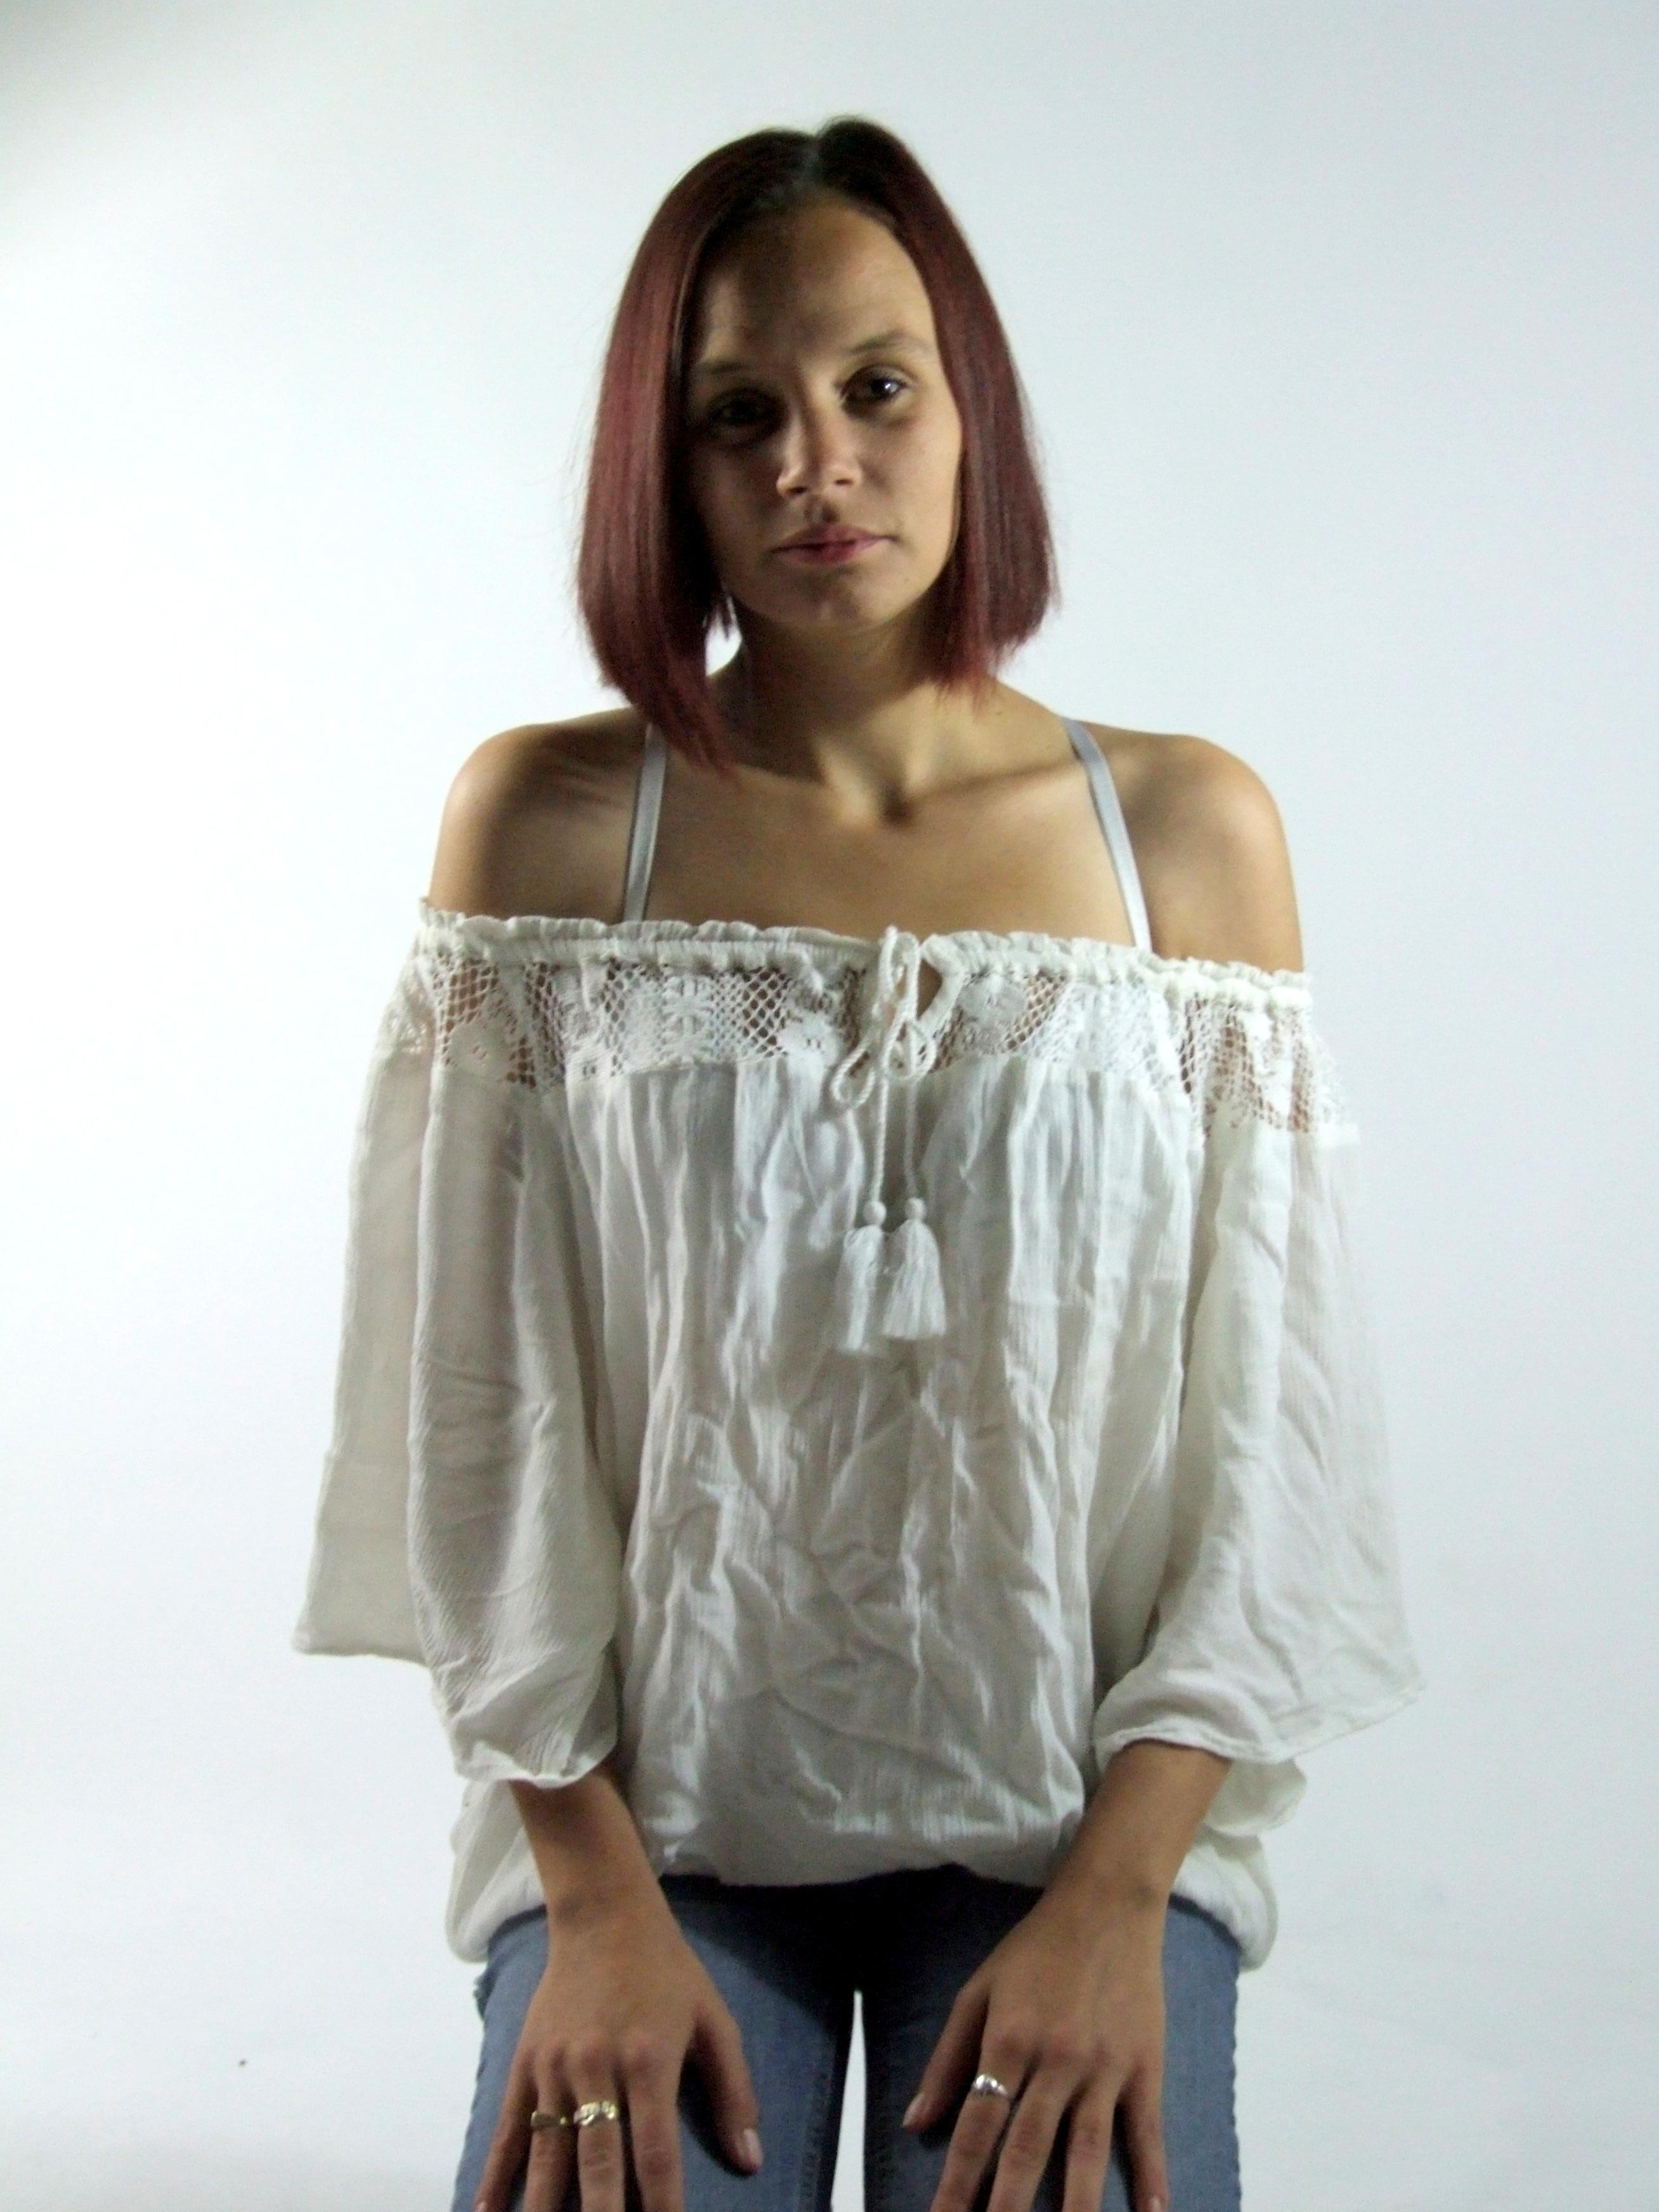 Billeder Studie Langt Overtøj Mode Forår Skjorte Gratis Tøj 1PEpqdnxdw